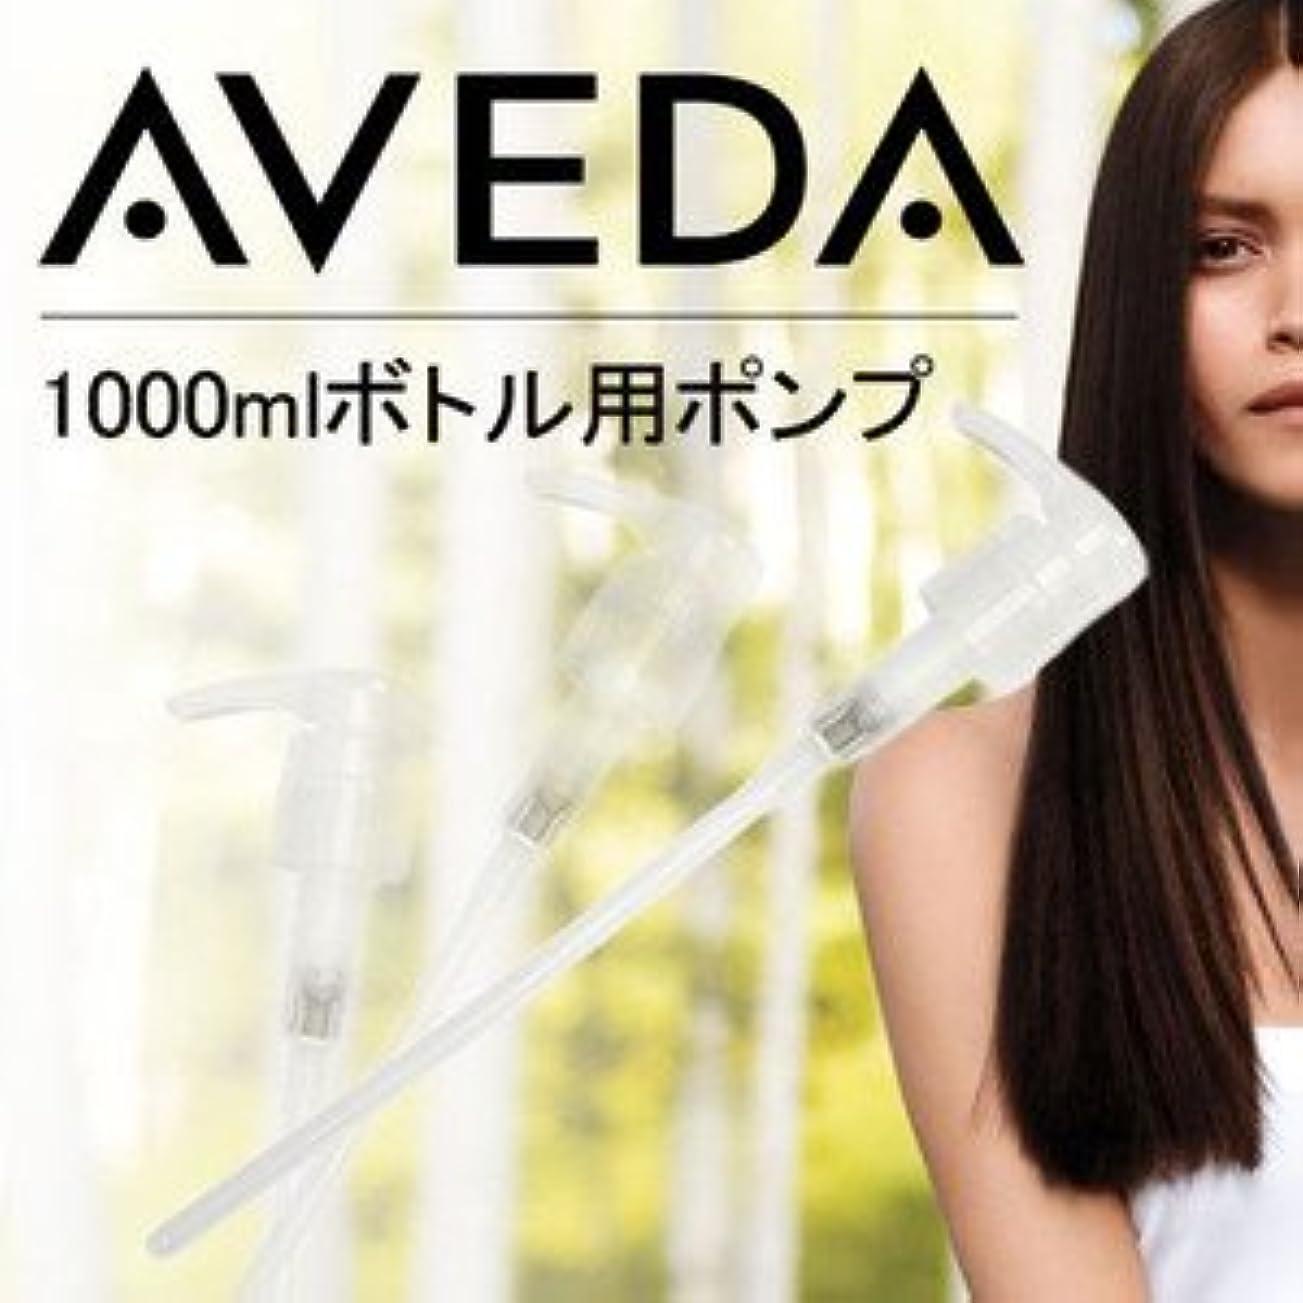 ゴージャス欲望トチの実の木アヴェダ 1000mlボトル用ポンプ(001)